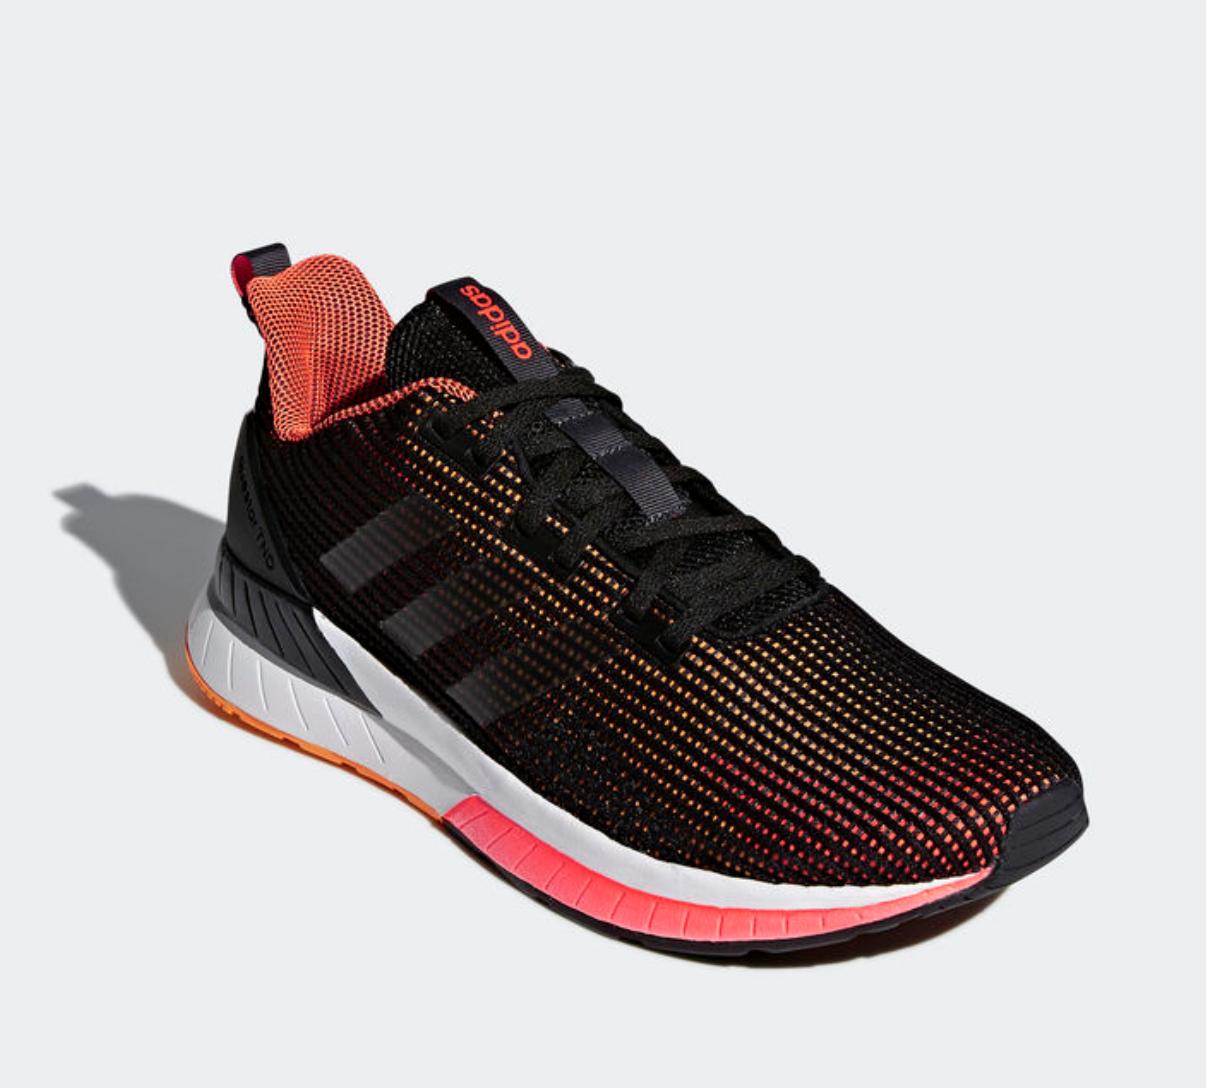 c761a3b5 ... Adidas Questar TND TND TND para Hombre UE 40 2 3 Negro y Naranja Nuevo  Zapatos ...